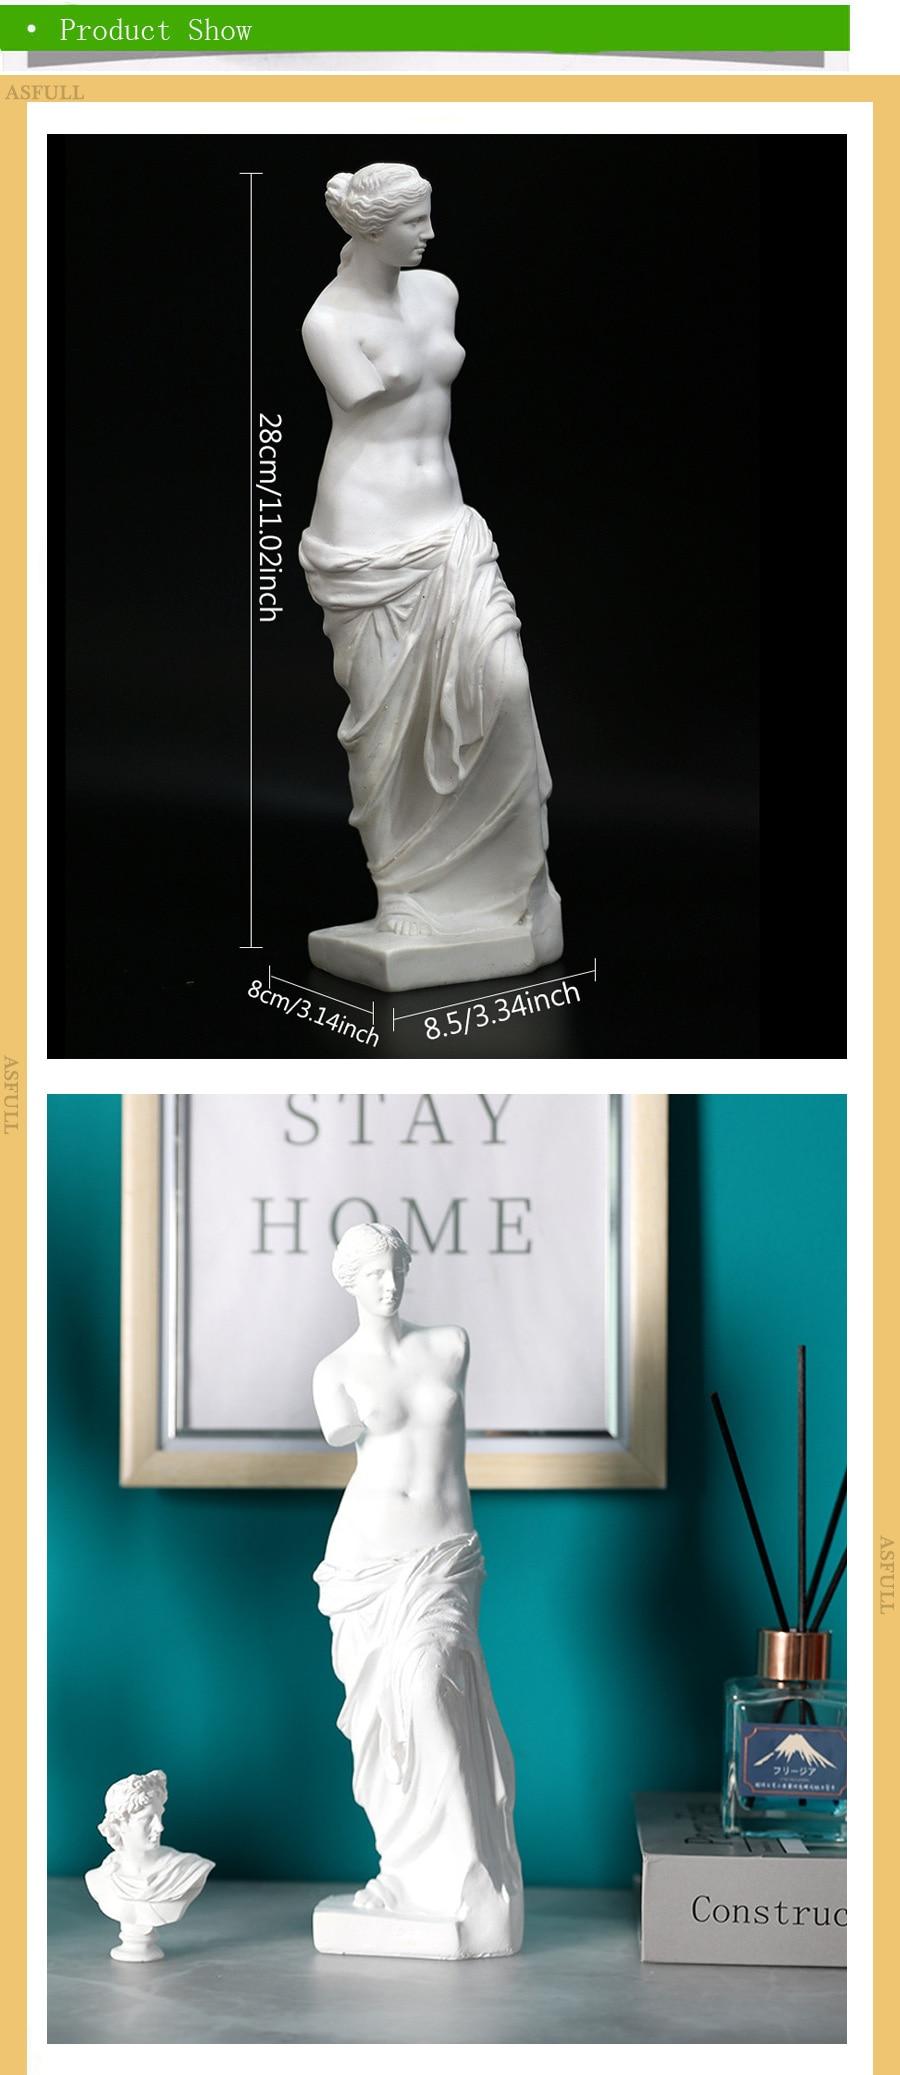 forma deusa decoração resina estátua moderna arte